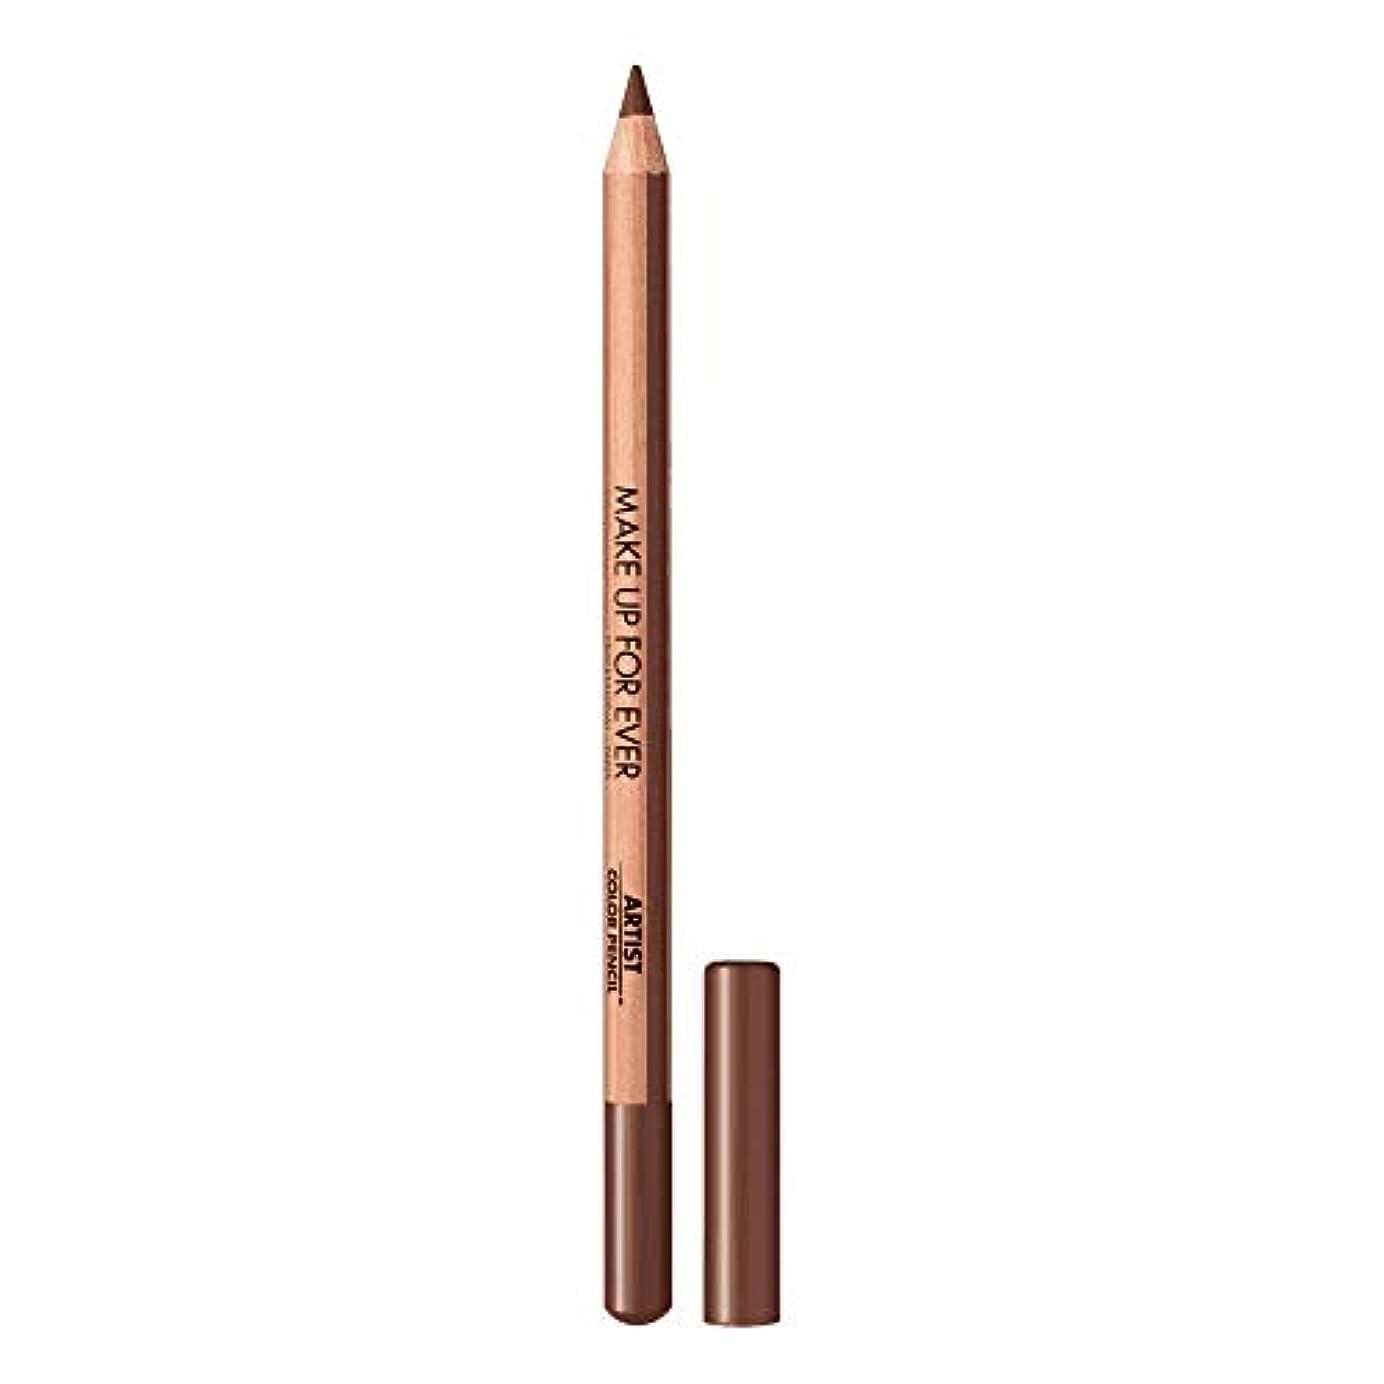 三角容赦ないパーツメイクアップフォーエバー Artist Color Pencil - # 608 Limitless Brown 1.41g/0.04oz並行輸入品